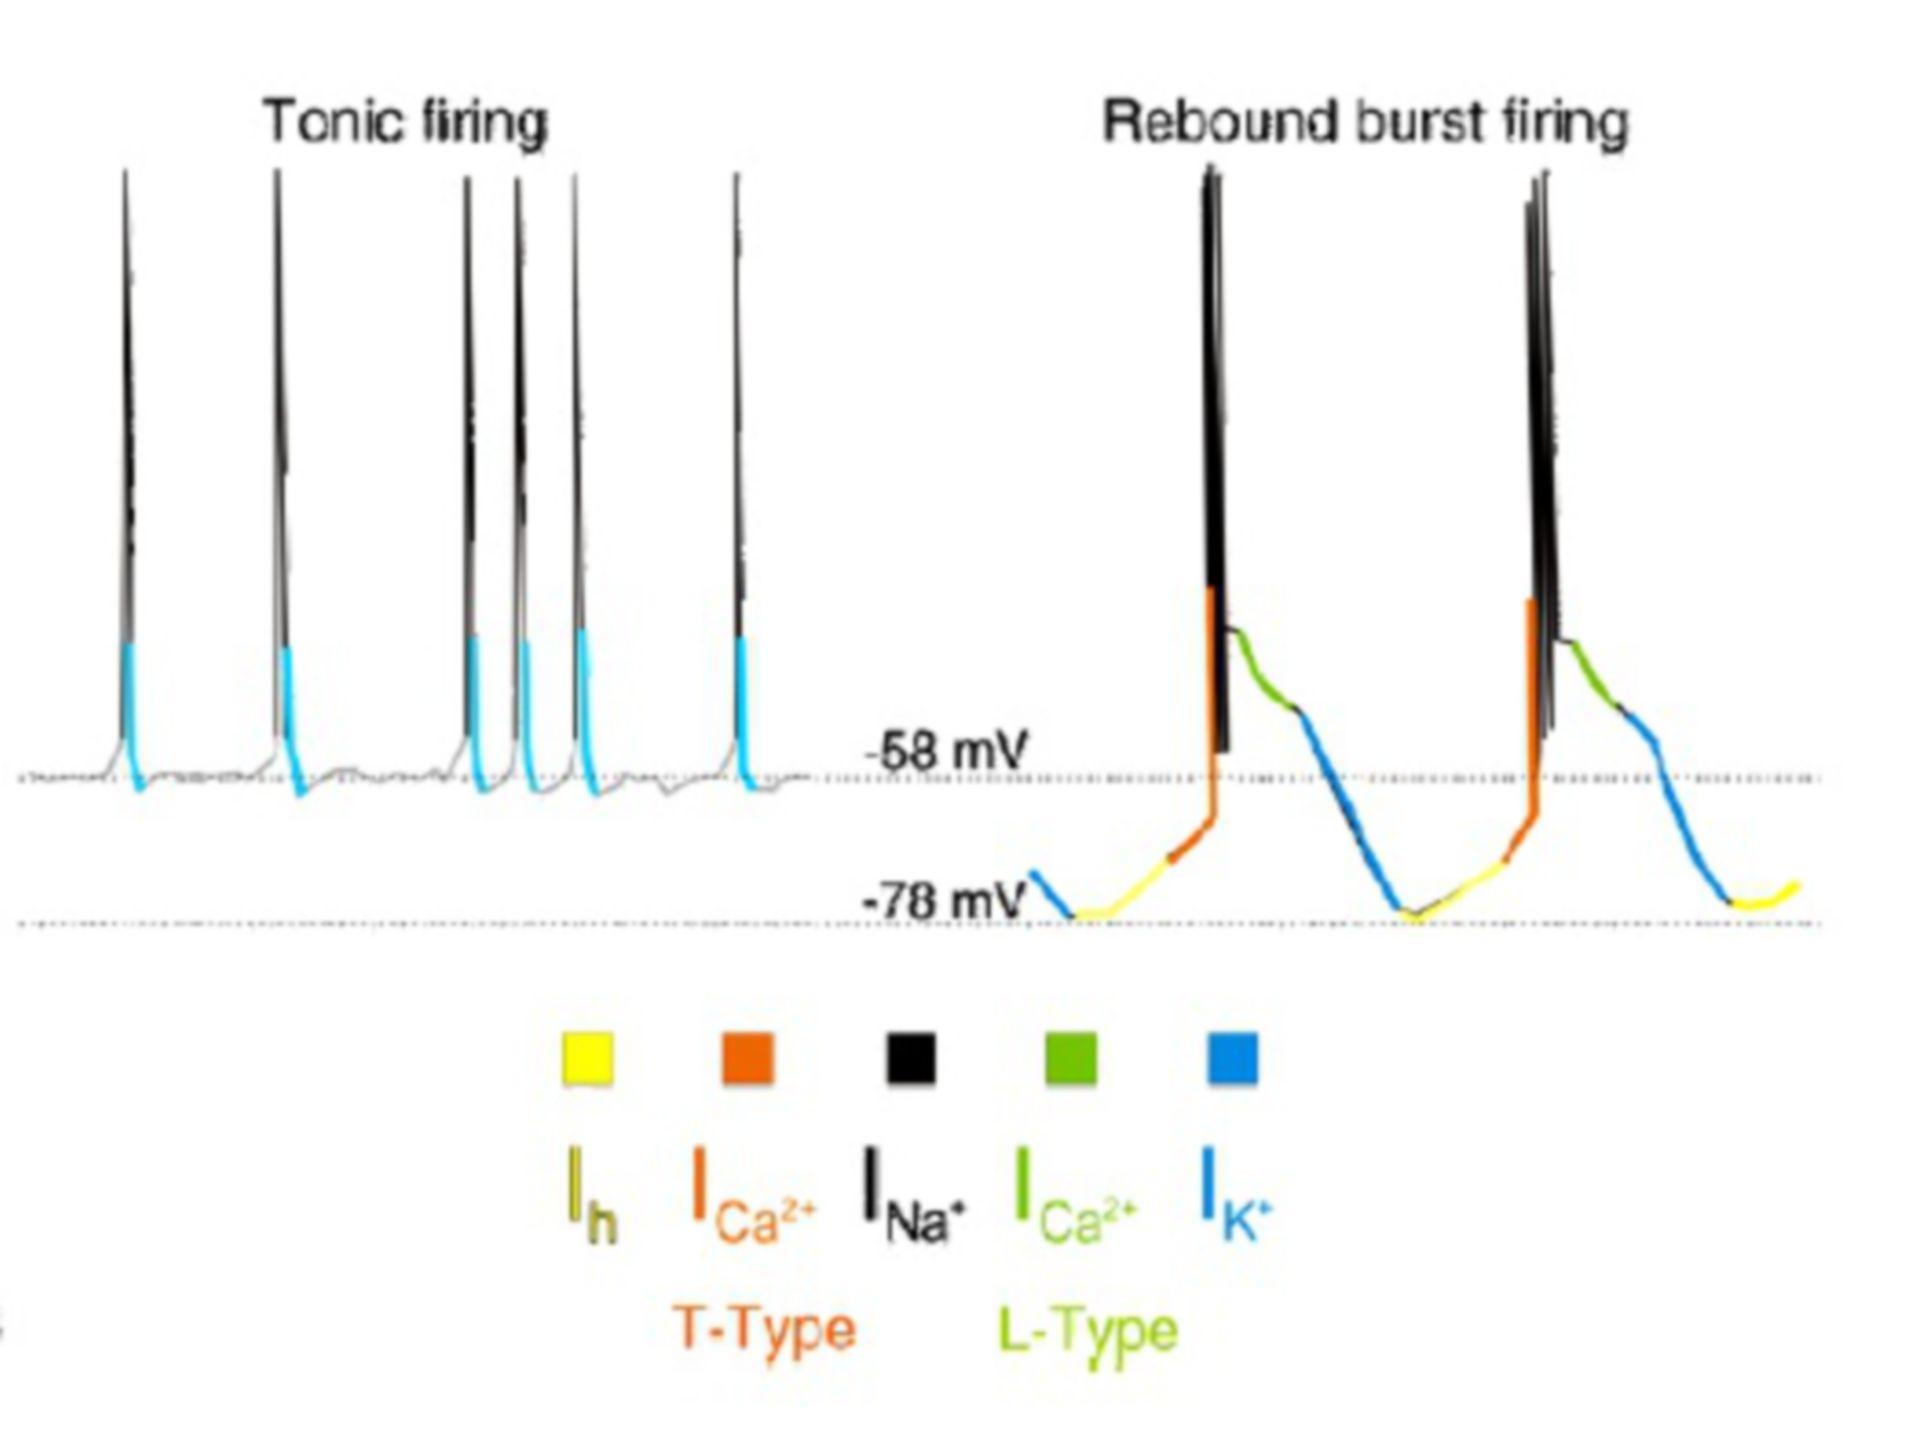 Tonic und Rebound Burst Firing